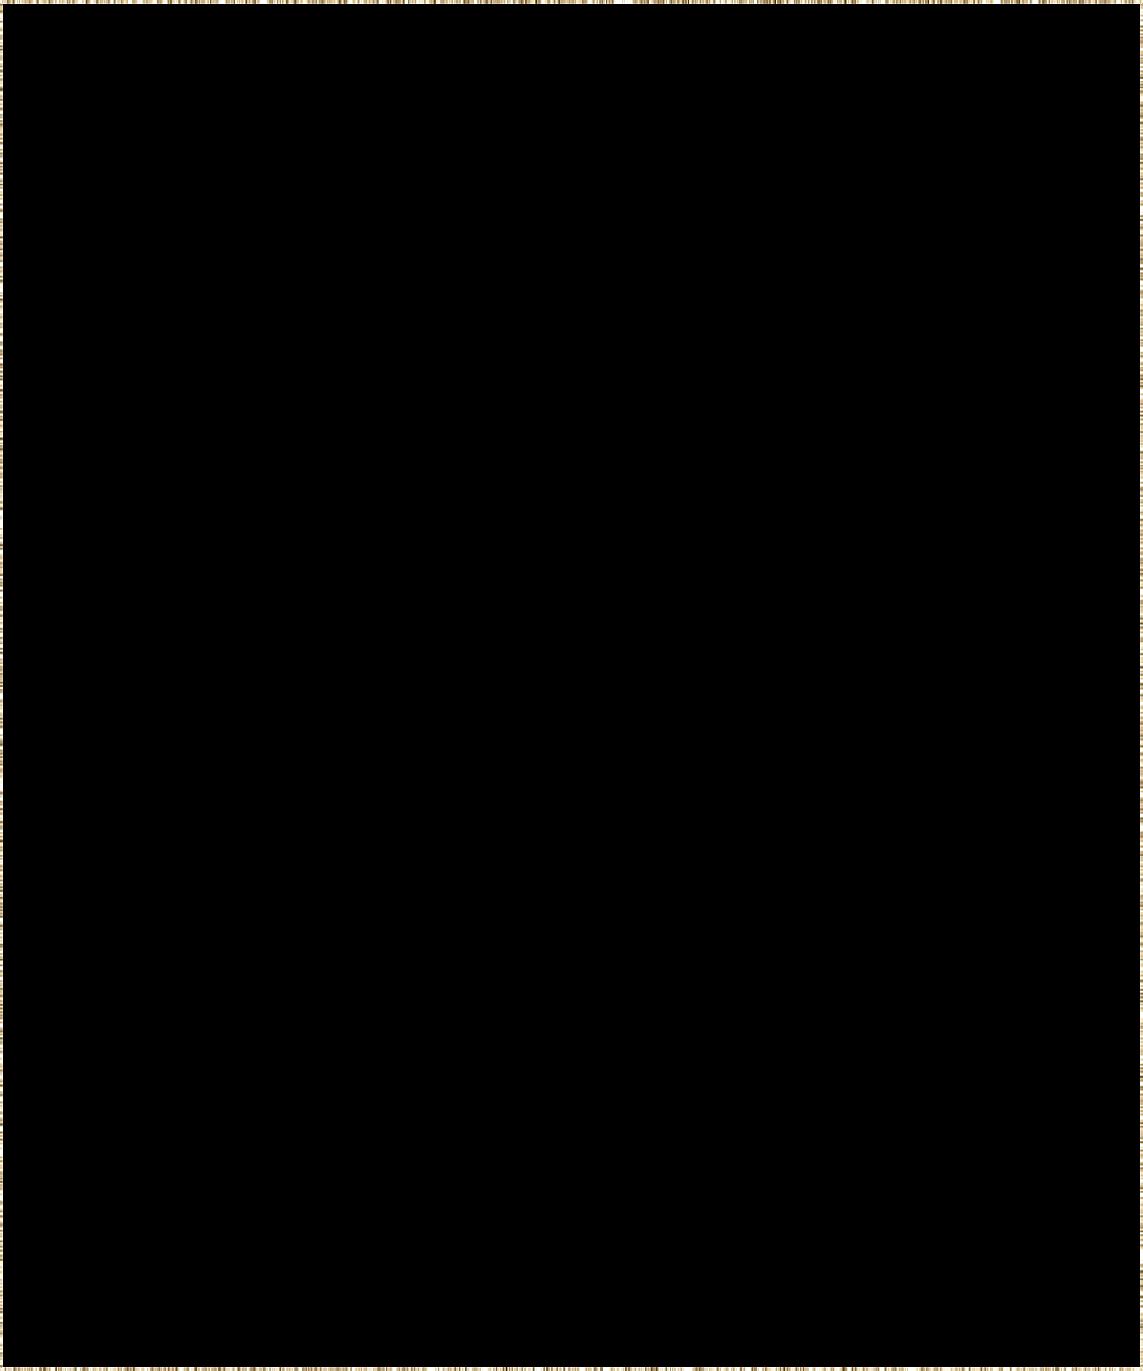 gold-frame (1).png